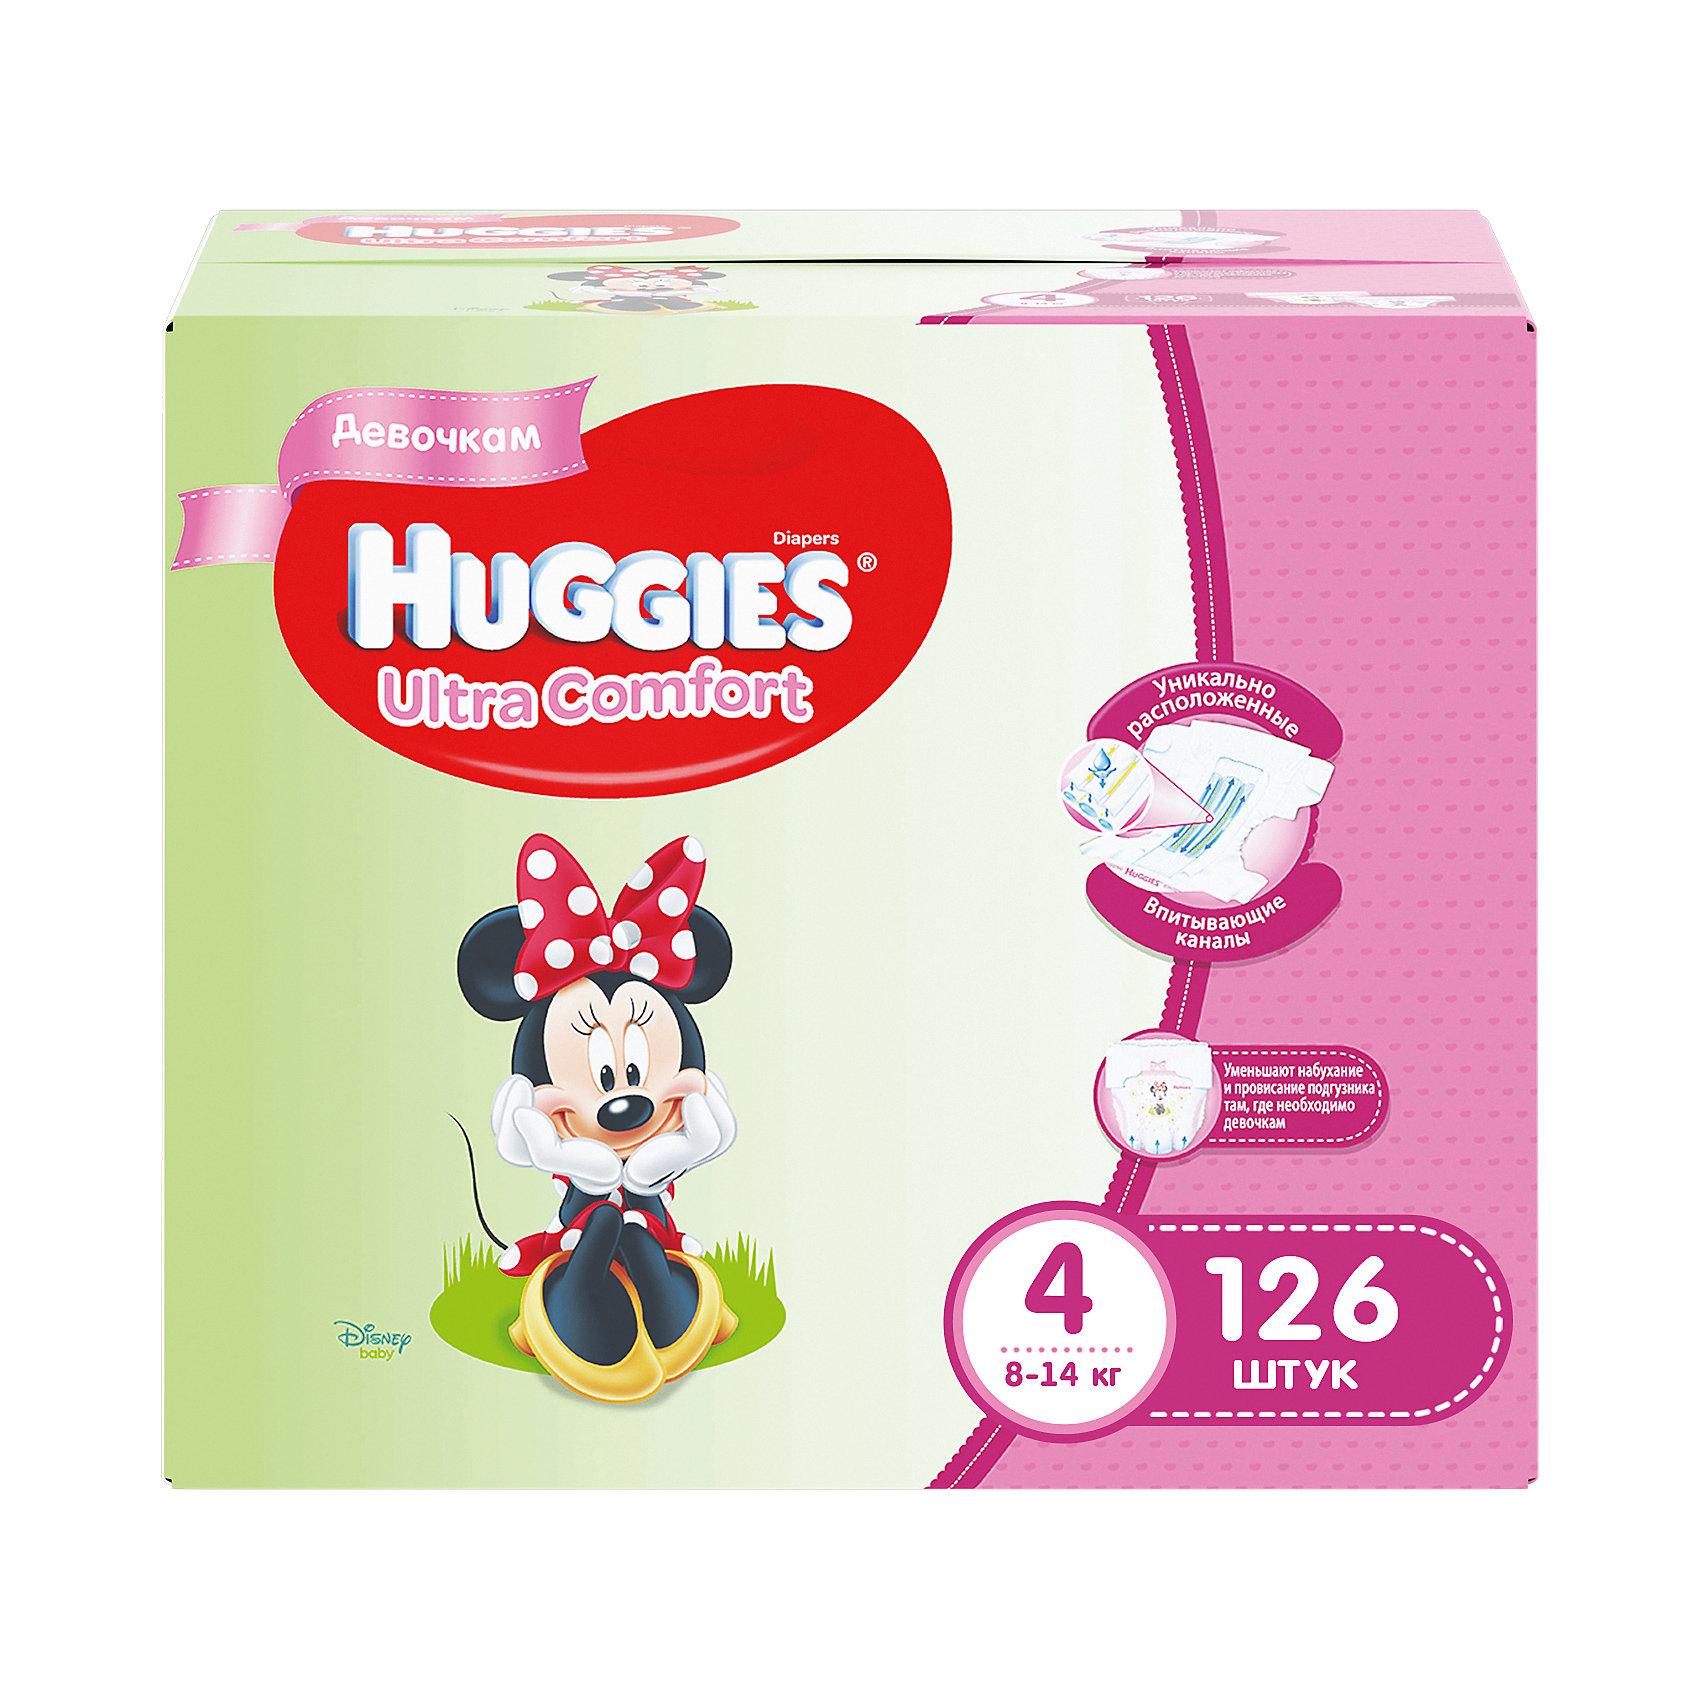 HUGGIES Подгузники Huggies Ultra Comfort для девочек Disney Box (4) 8-14 кг, 126 шт. (42х3) huggies подгузники ultra comfort для девочек 4 8 14 кг 19шт huggies